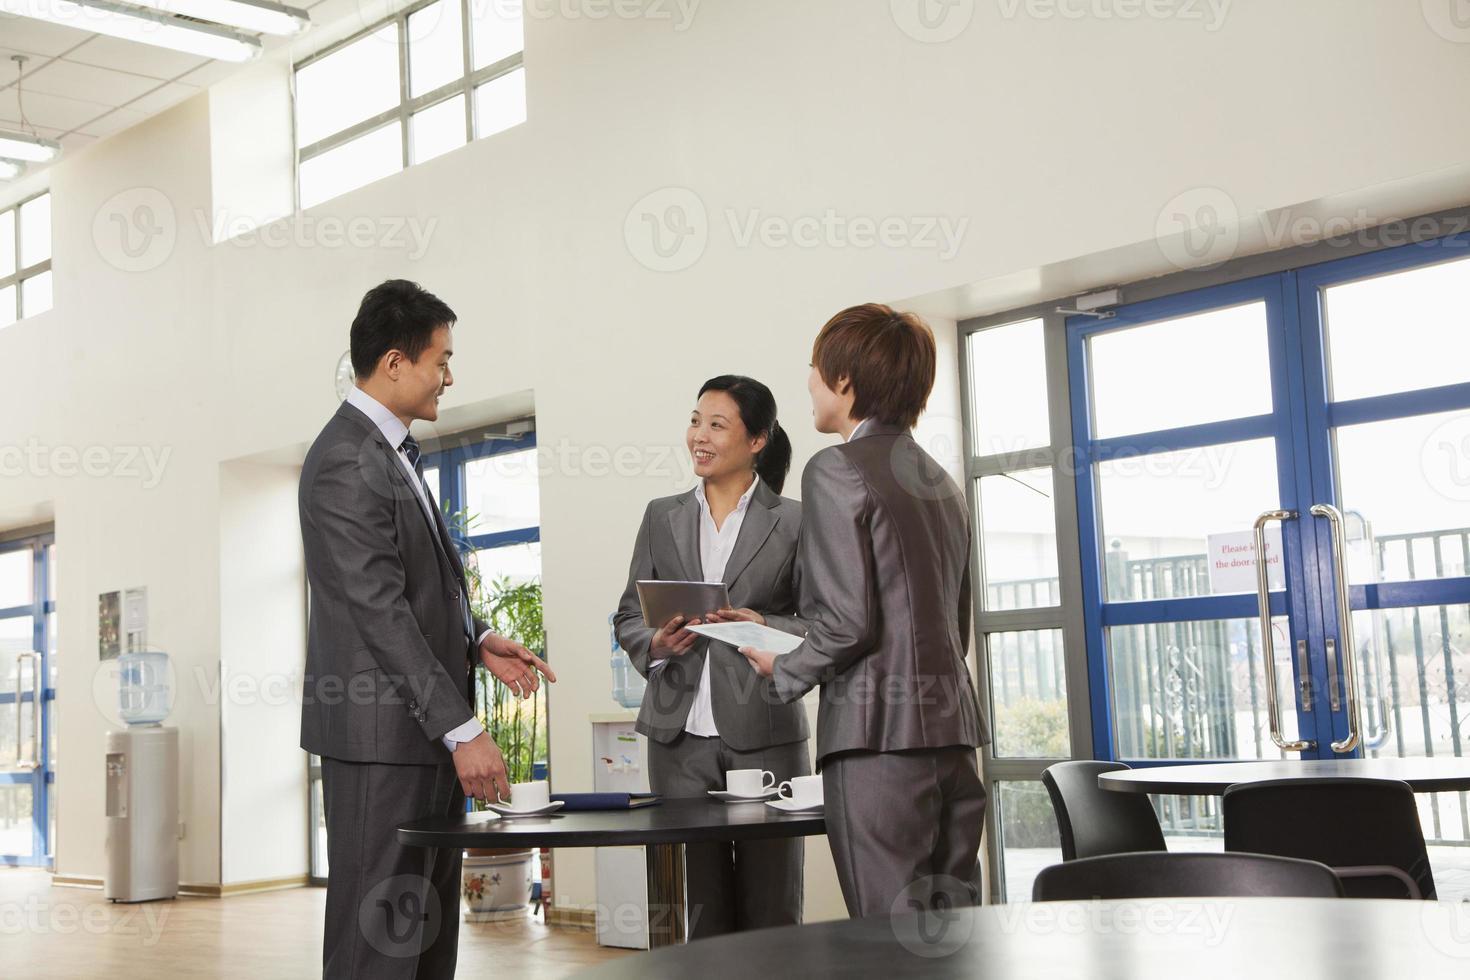 tre uomini d'affari riuniti nella mensa aziendale foto